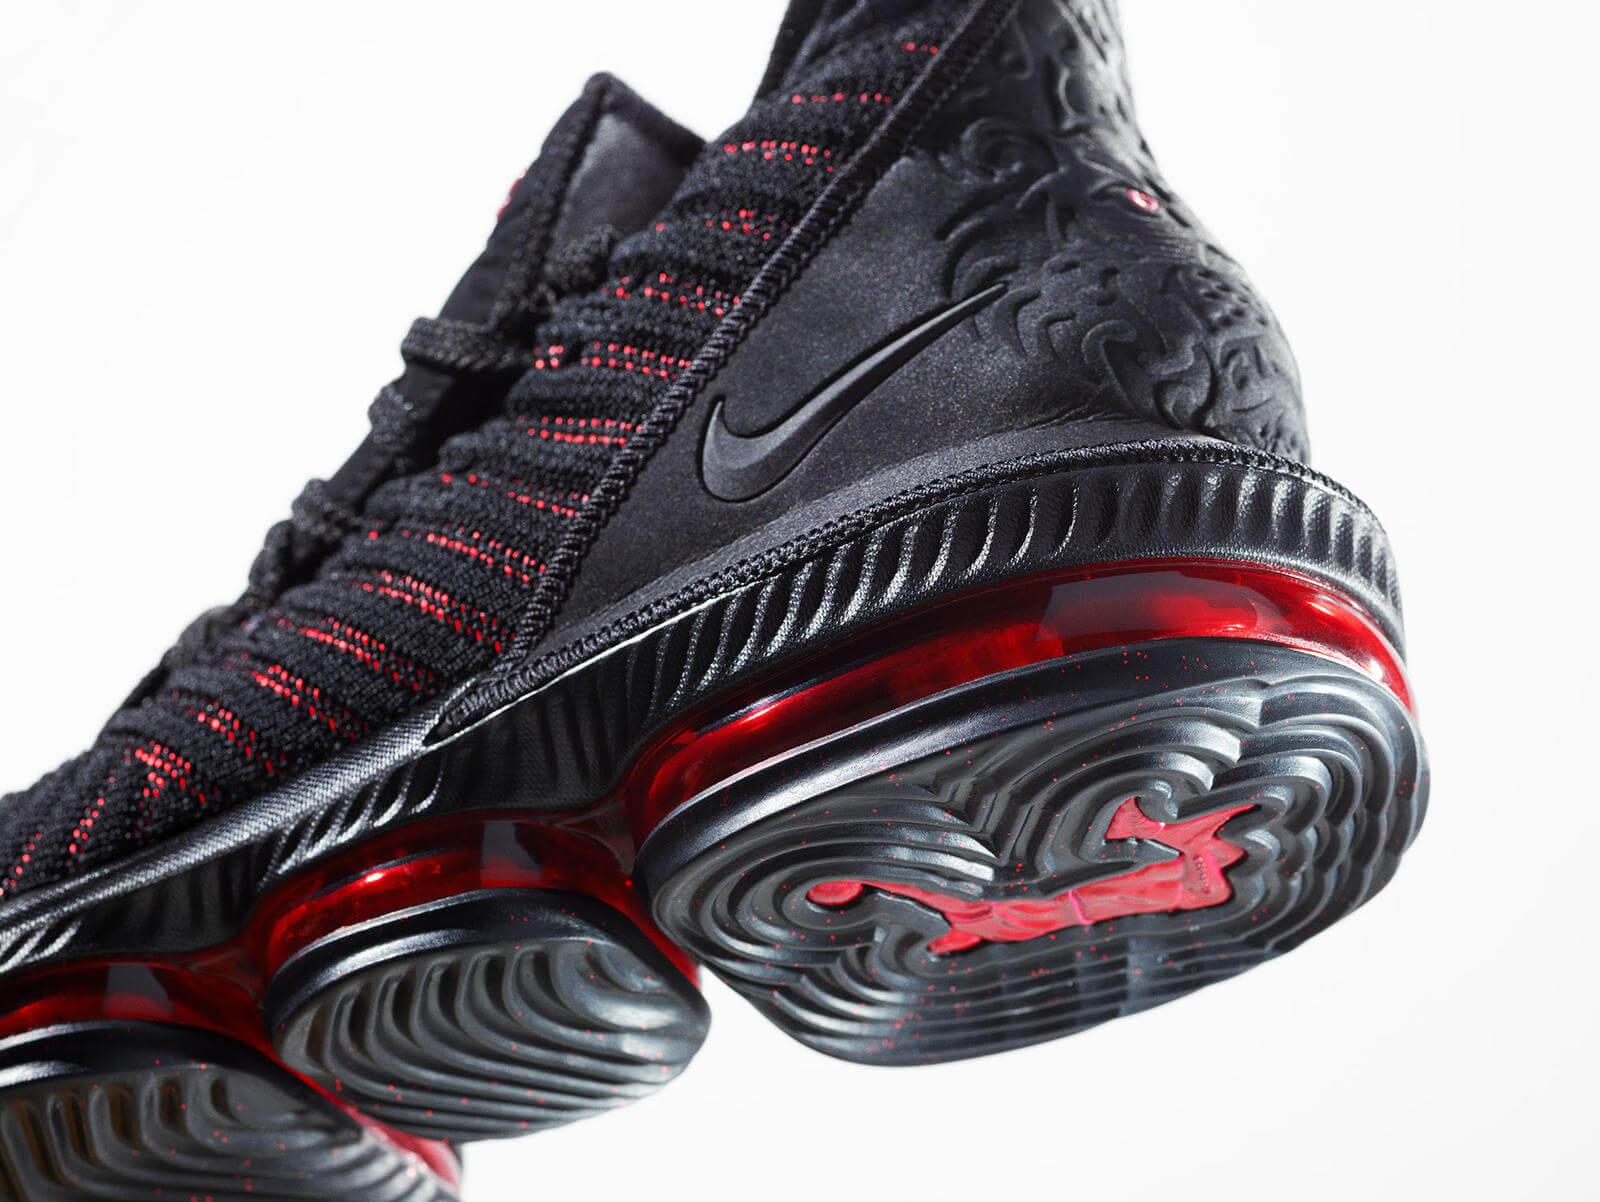 magasin en ligne a22eb c3e6e Nike Lebron 16 Sortie – TEST- Chaussures de basket